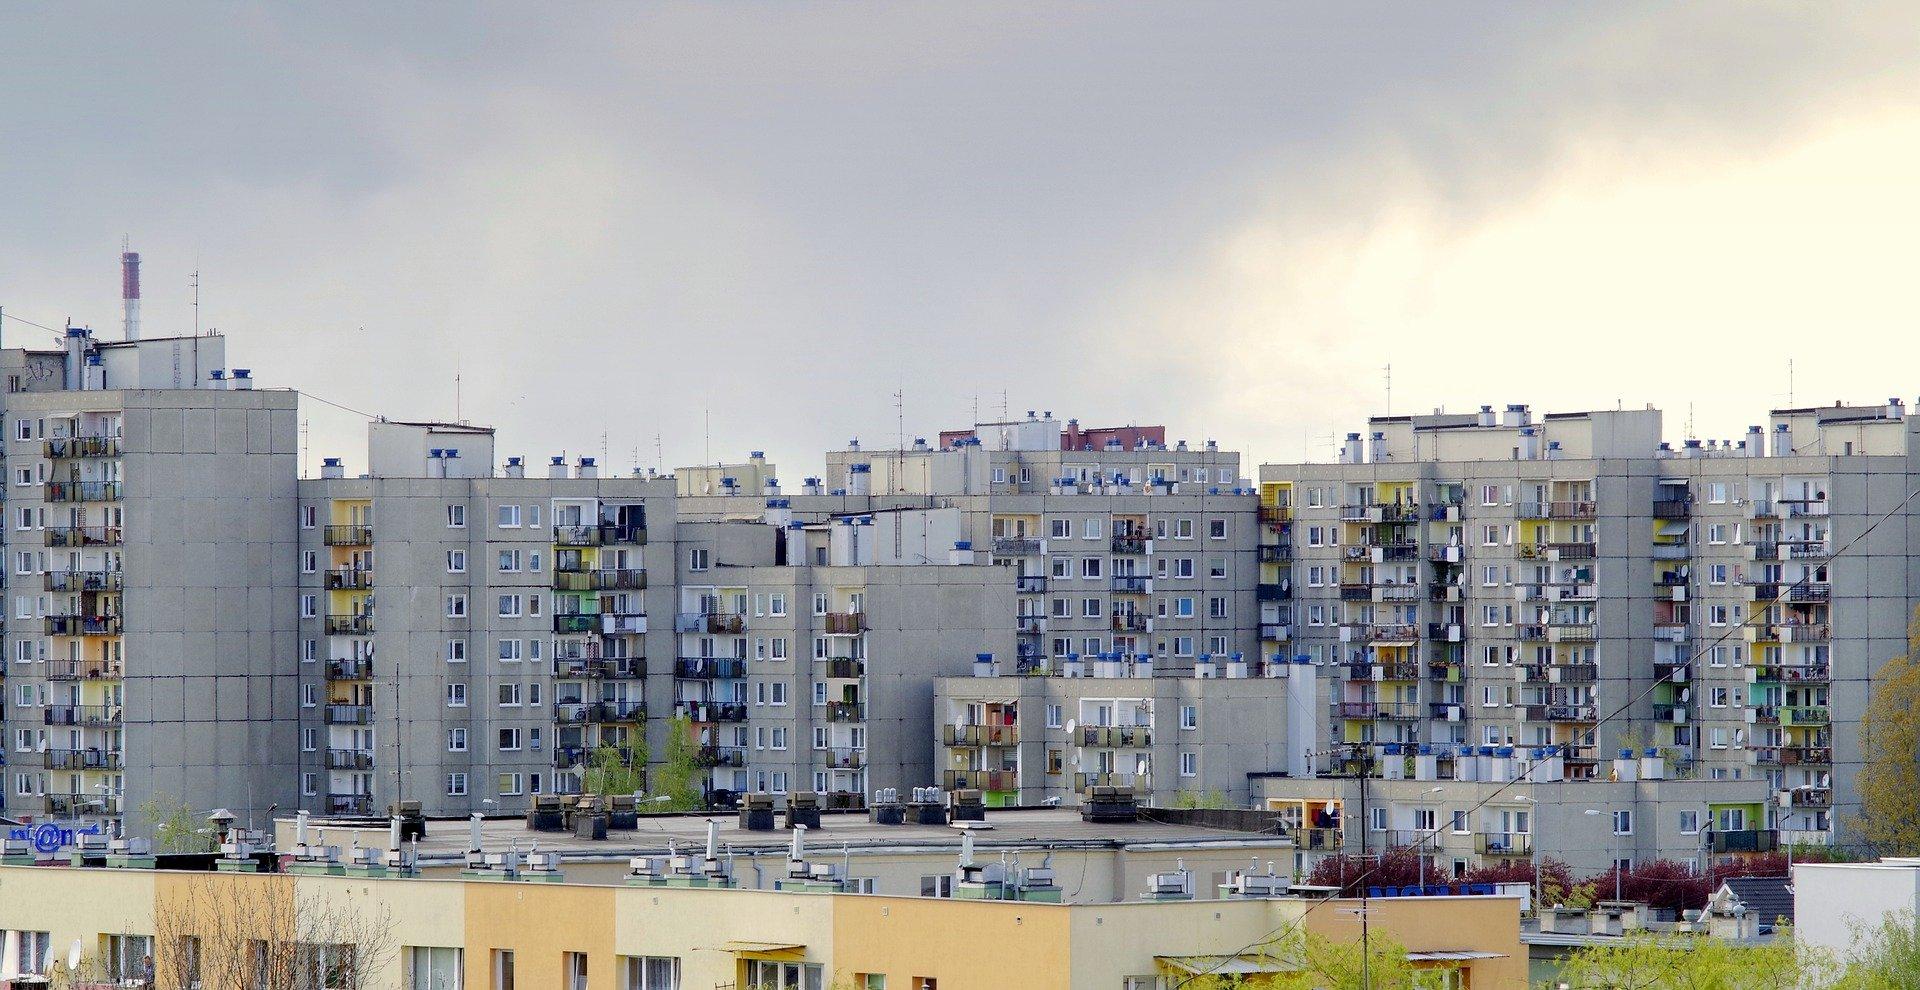 Dlaczego mieszkania w blokach z wielkiej płyty są chętnie kupowane?